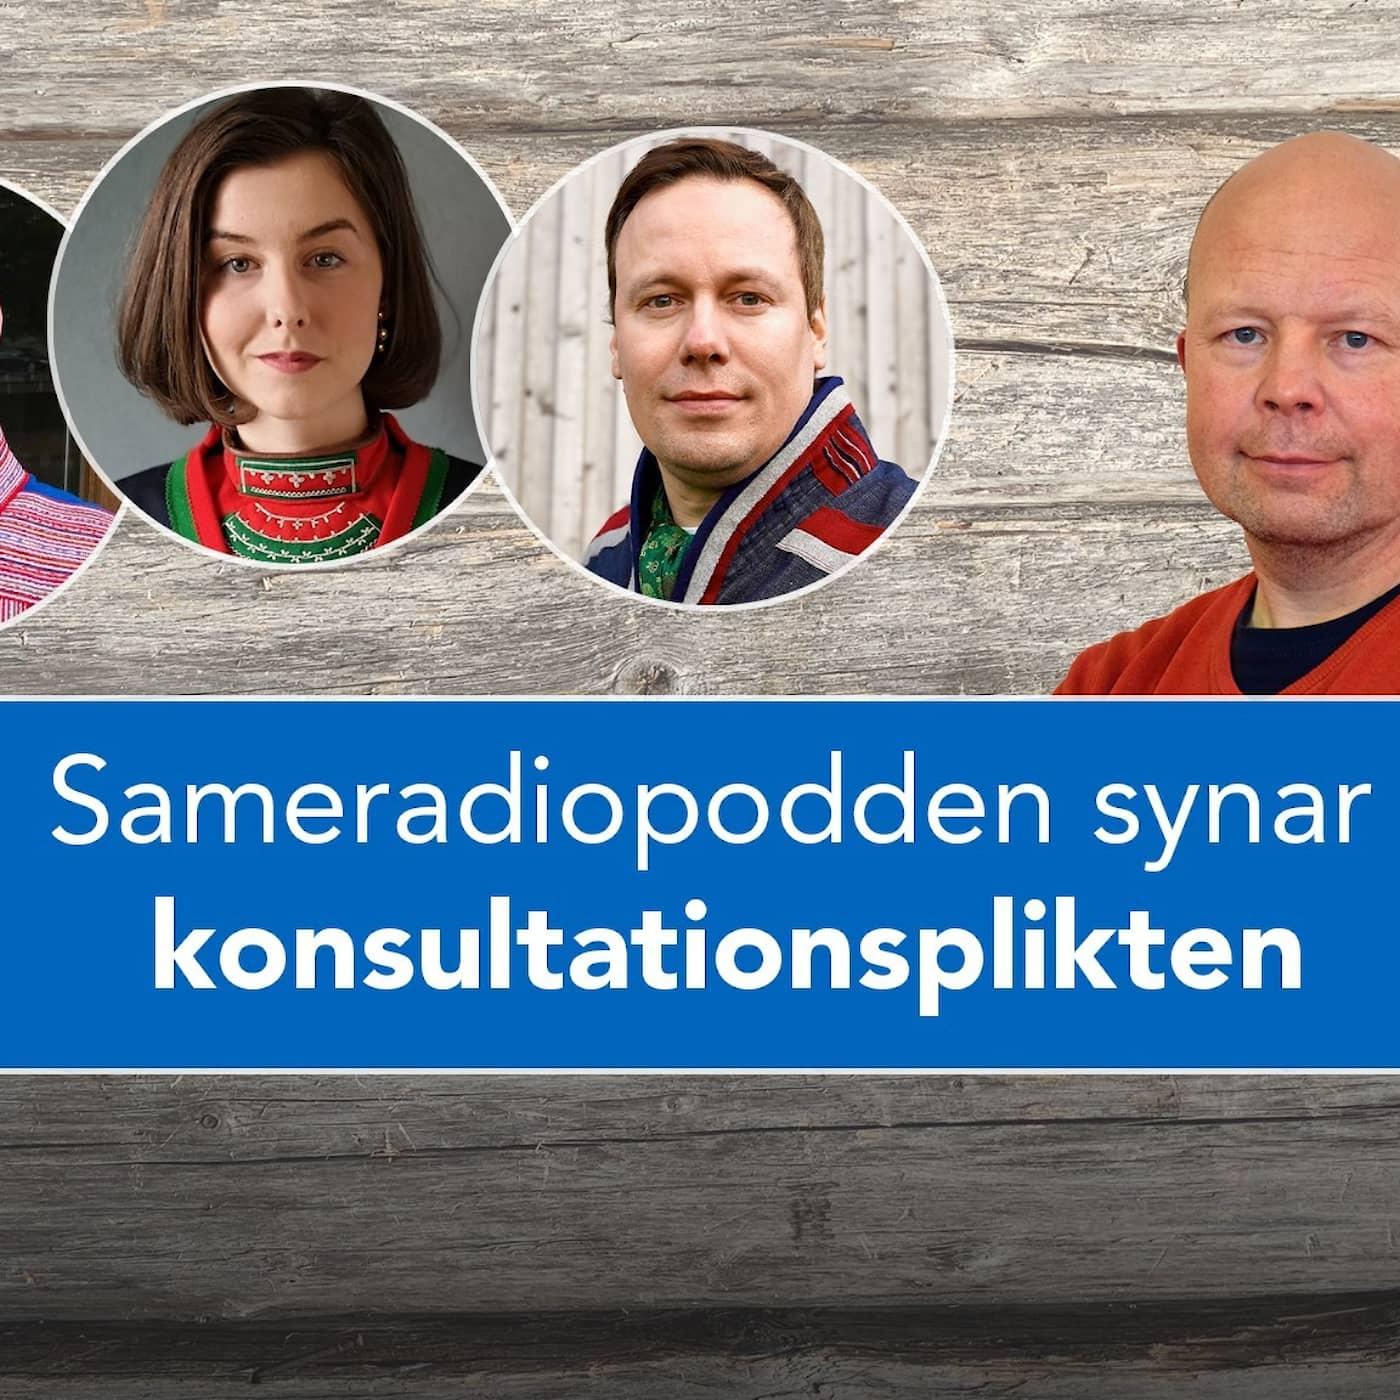 Politik Sápmi - Sameradiopodden synar konsultationsplikten med samer